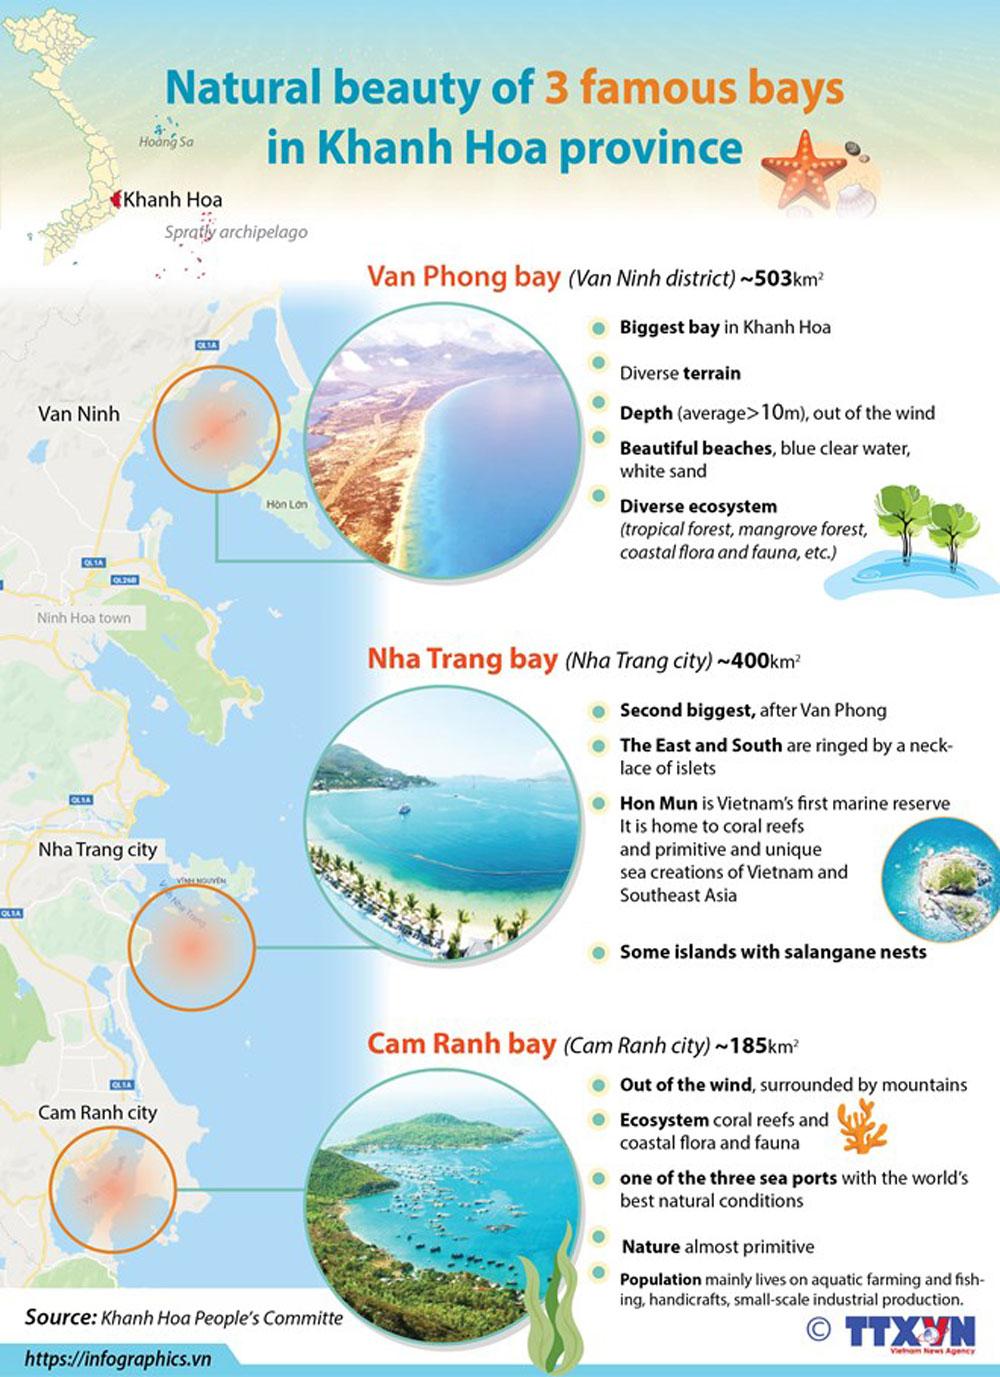 Three bays, Khanh Hoa province, Nha Trang Bay, Van Phong Bay, Cam Ranh Bay, hot destinations